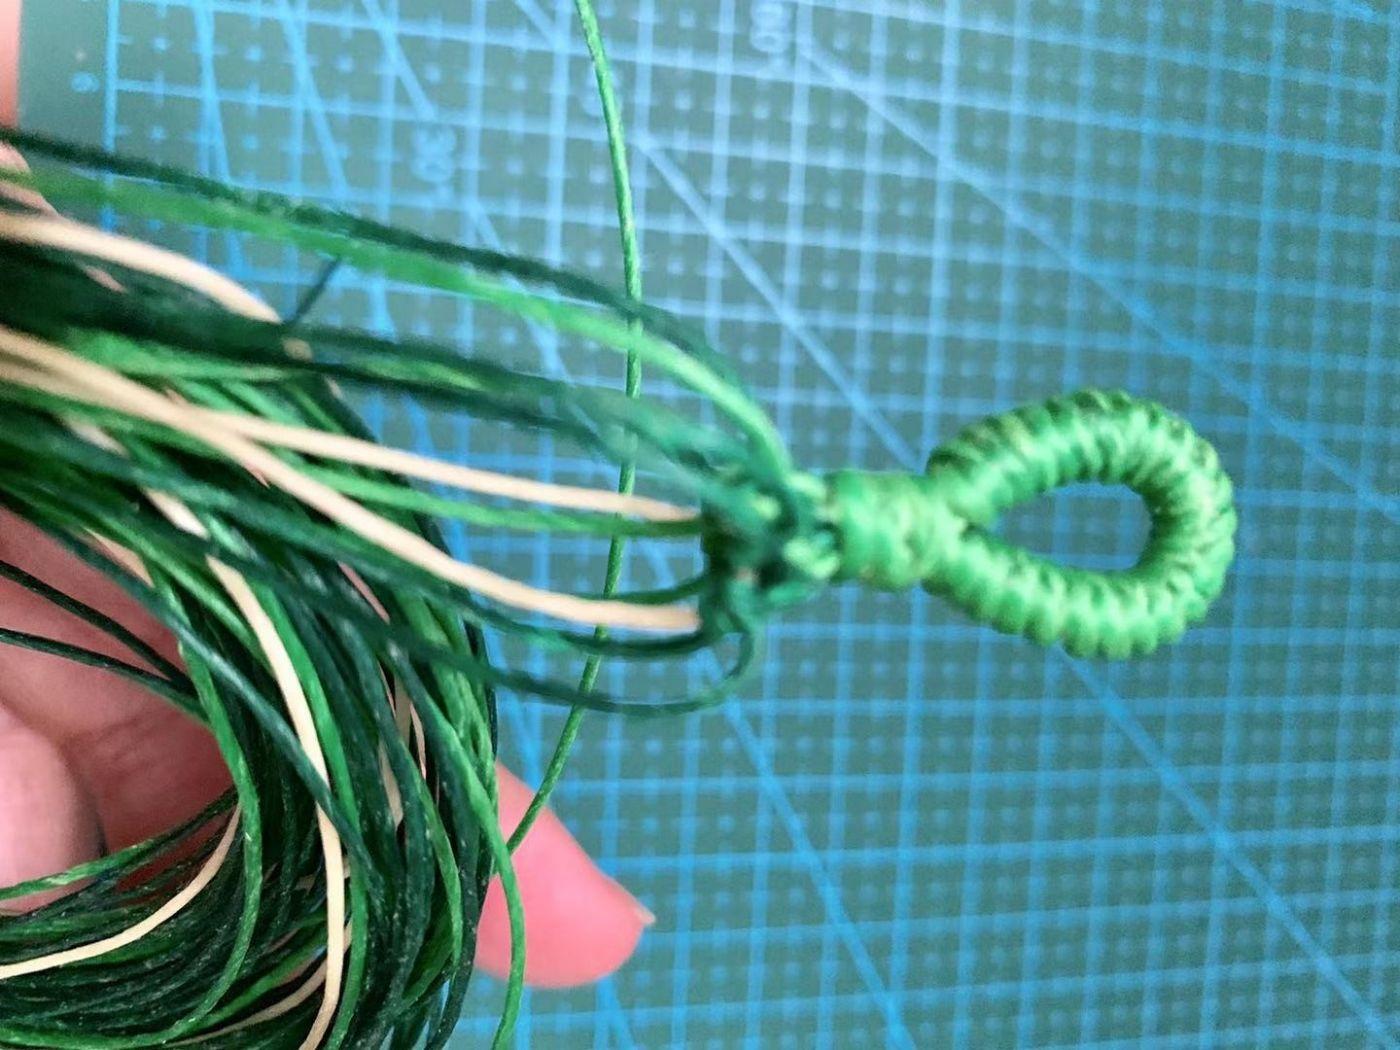 中秋结绳(轮回手绳)鲜亮的绿色是不是感觉很有活力?_图1-2